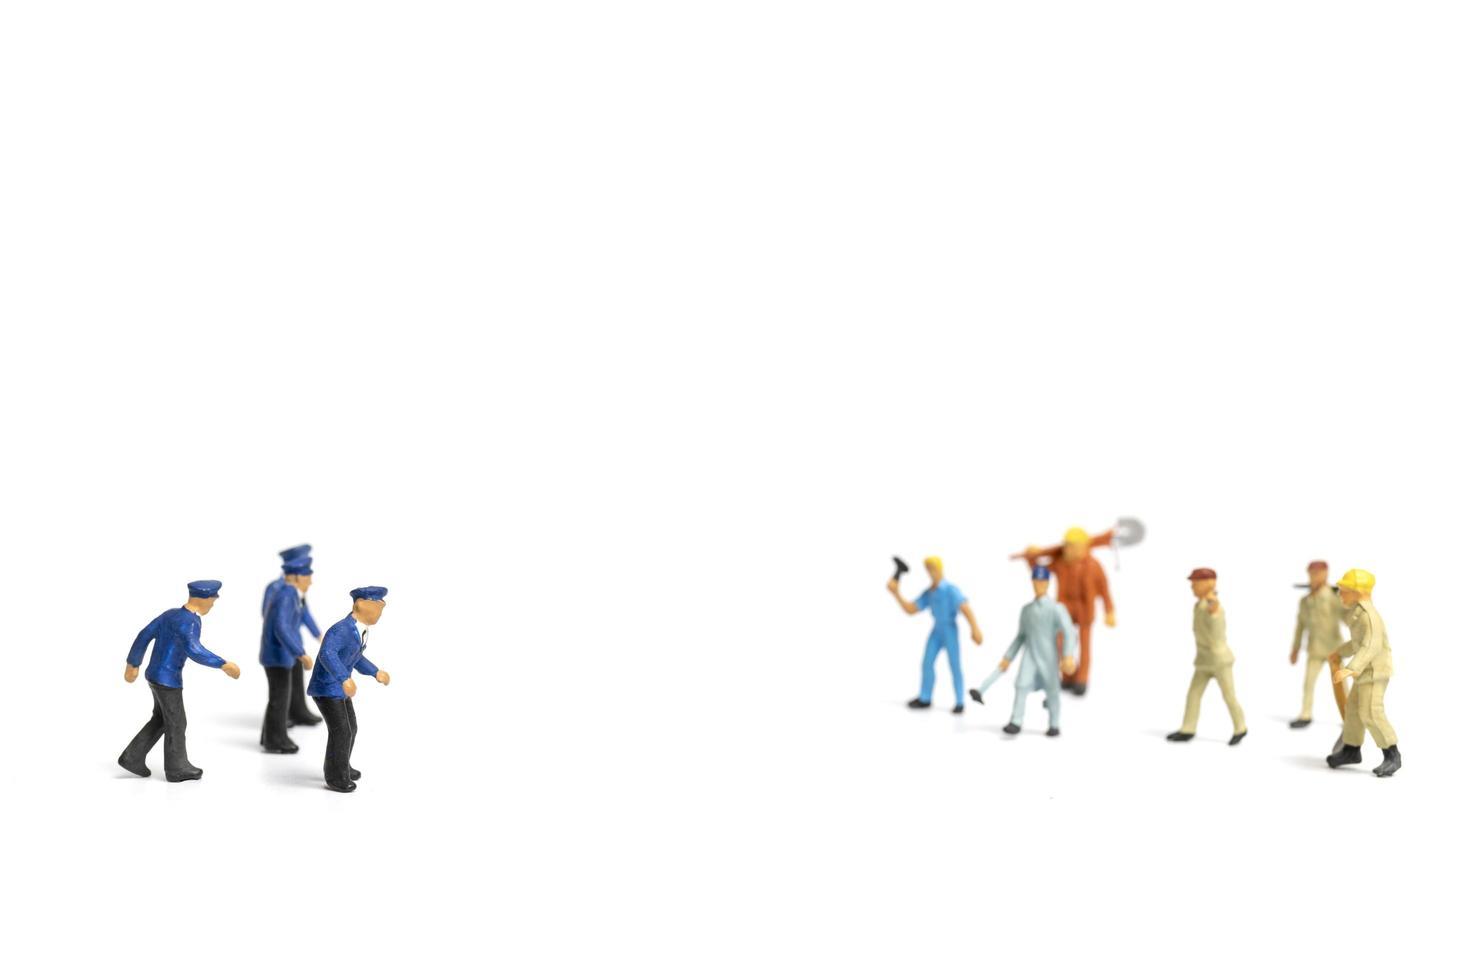 Policía en miniatura y una turba enojada sobre un fondo blanco. foto